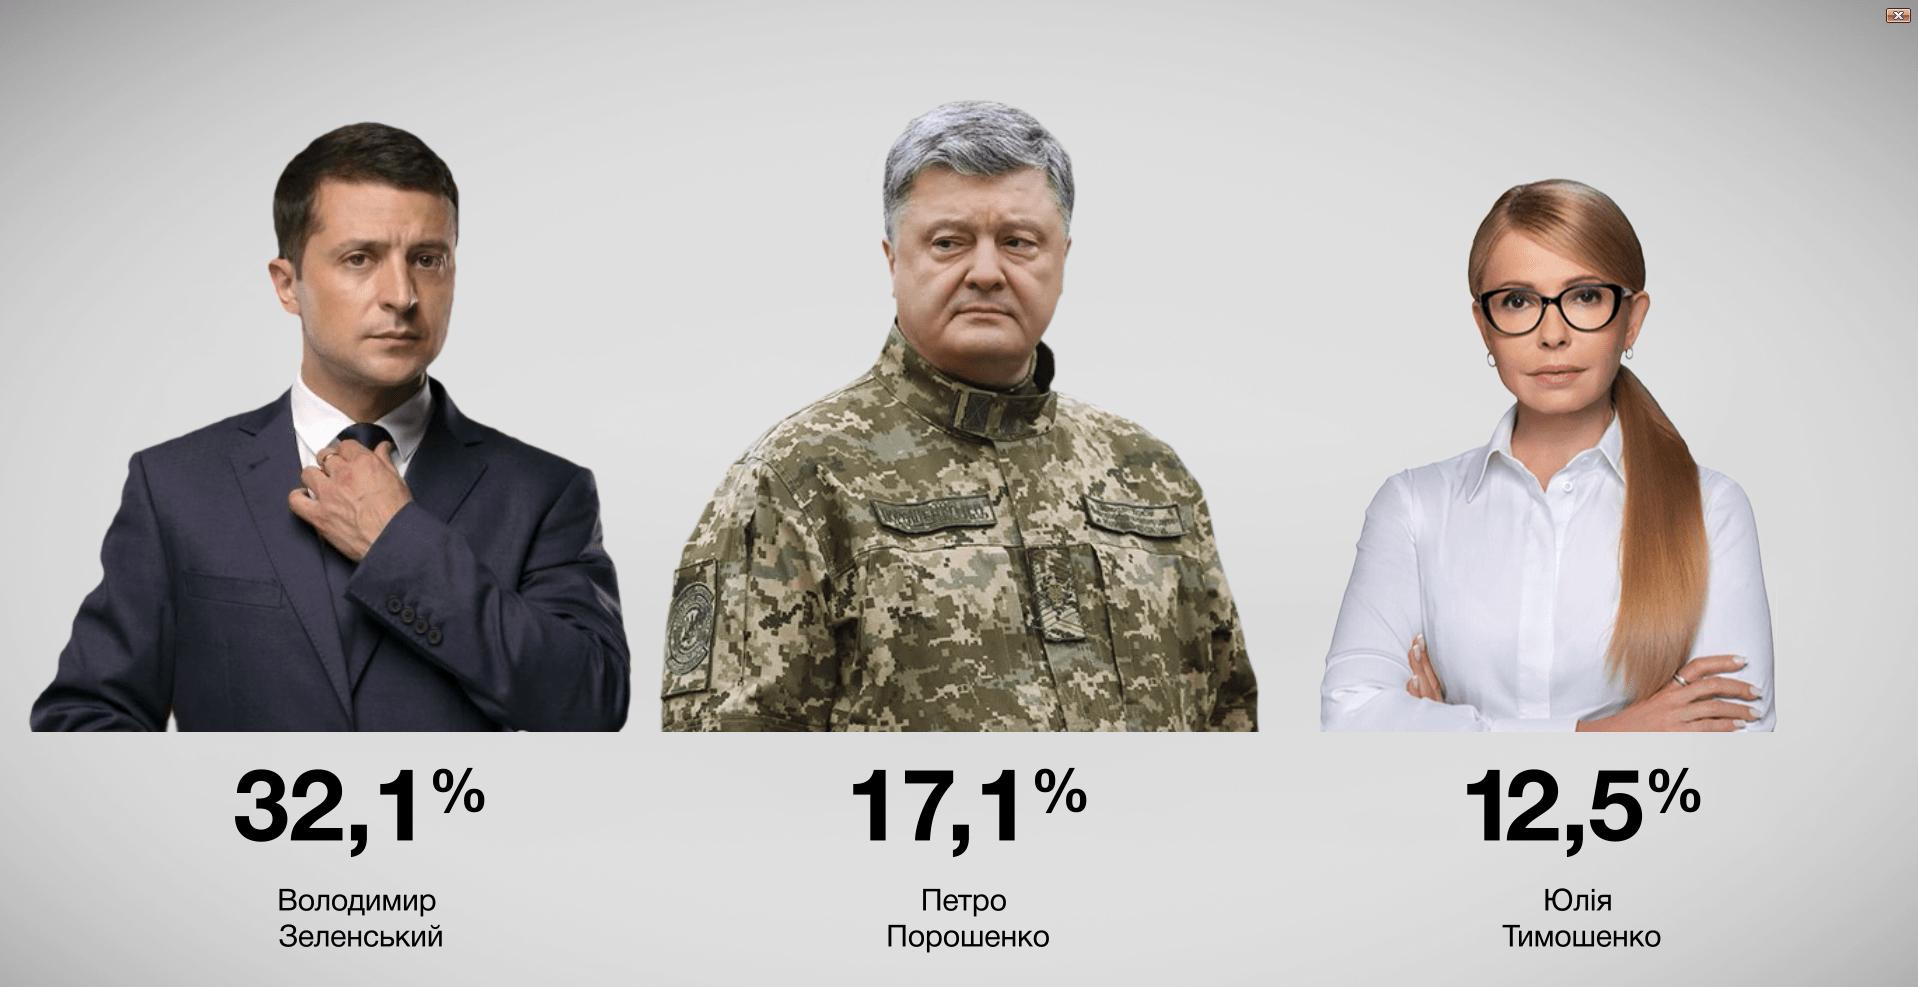 Соціологи показали нову статистику за кілька днів до виборів президента